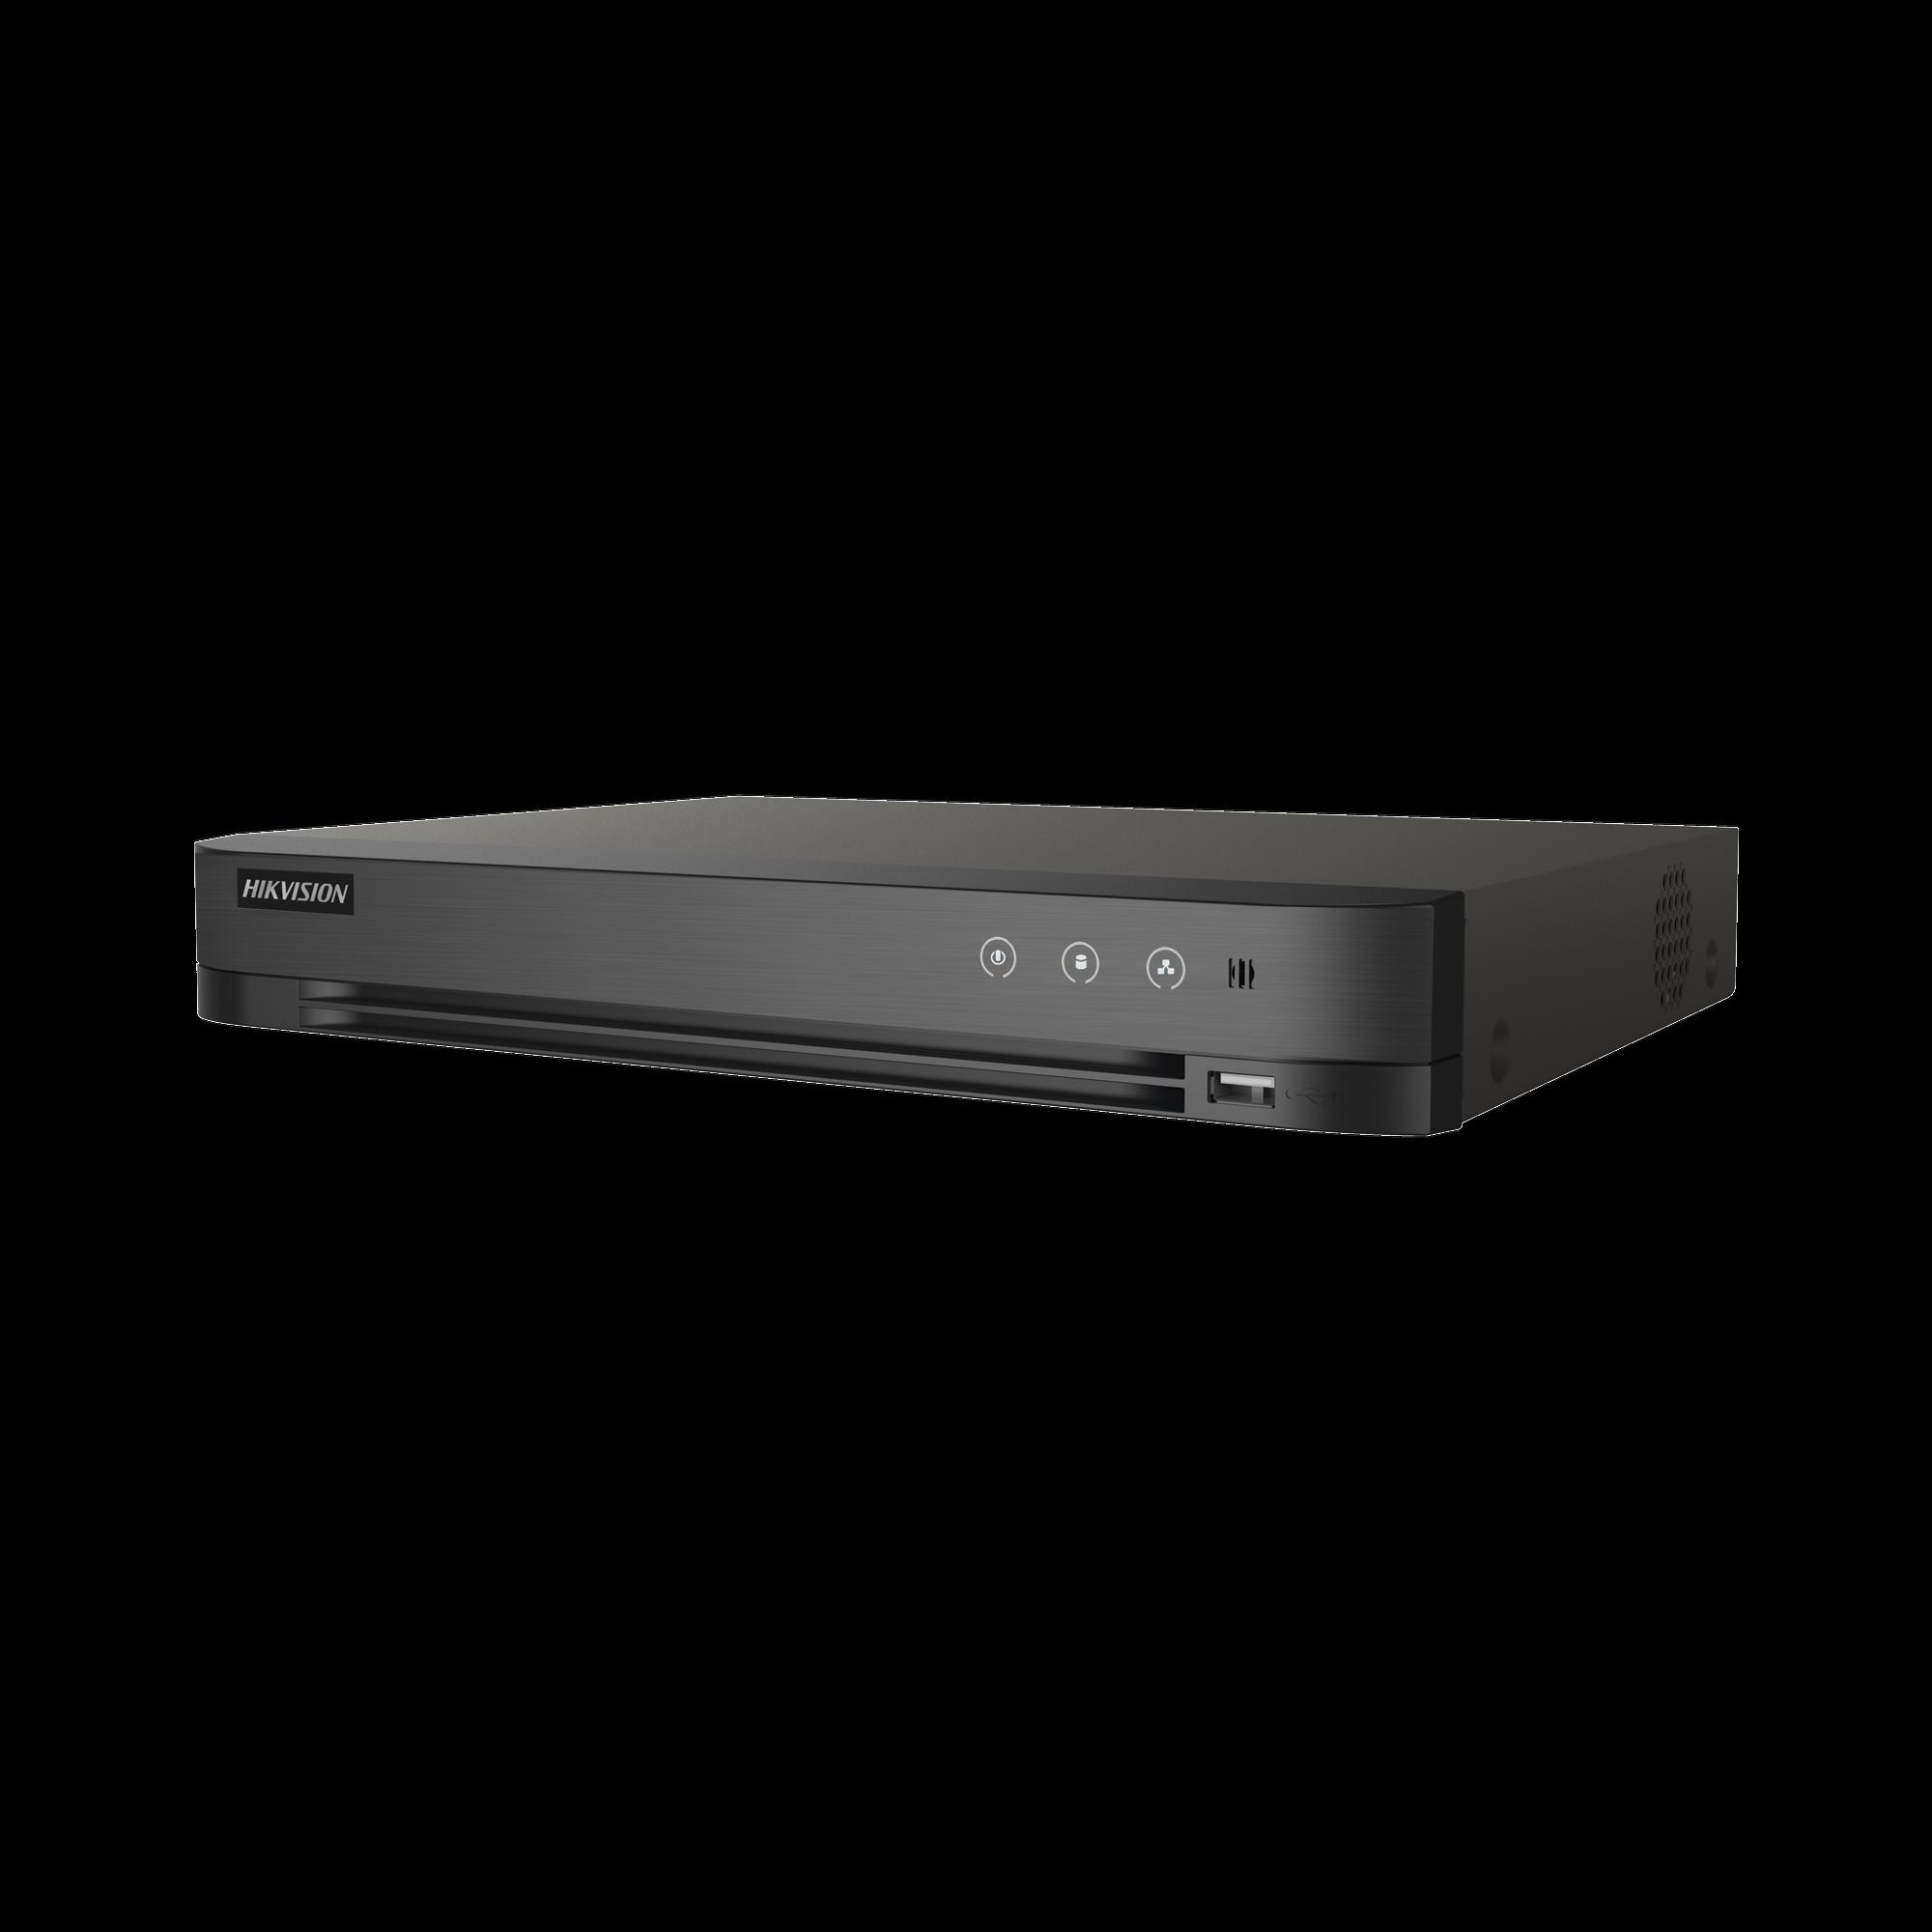 DVR 8 Megapixel / 4 Canales TURBOHD + 4 Canales IP / 1 Bahía de Disco Duro / Audio por Coaxitron / Detección de Rostros